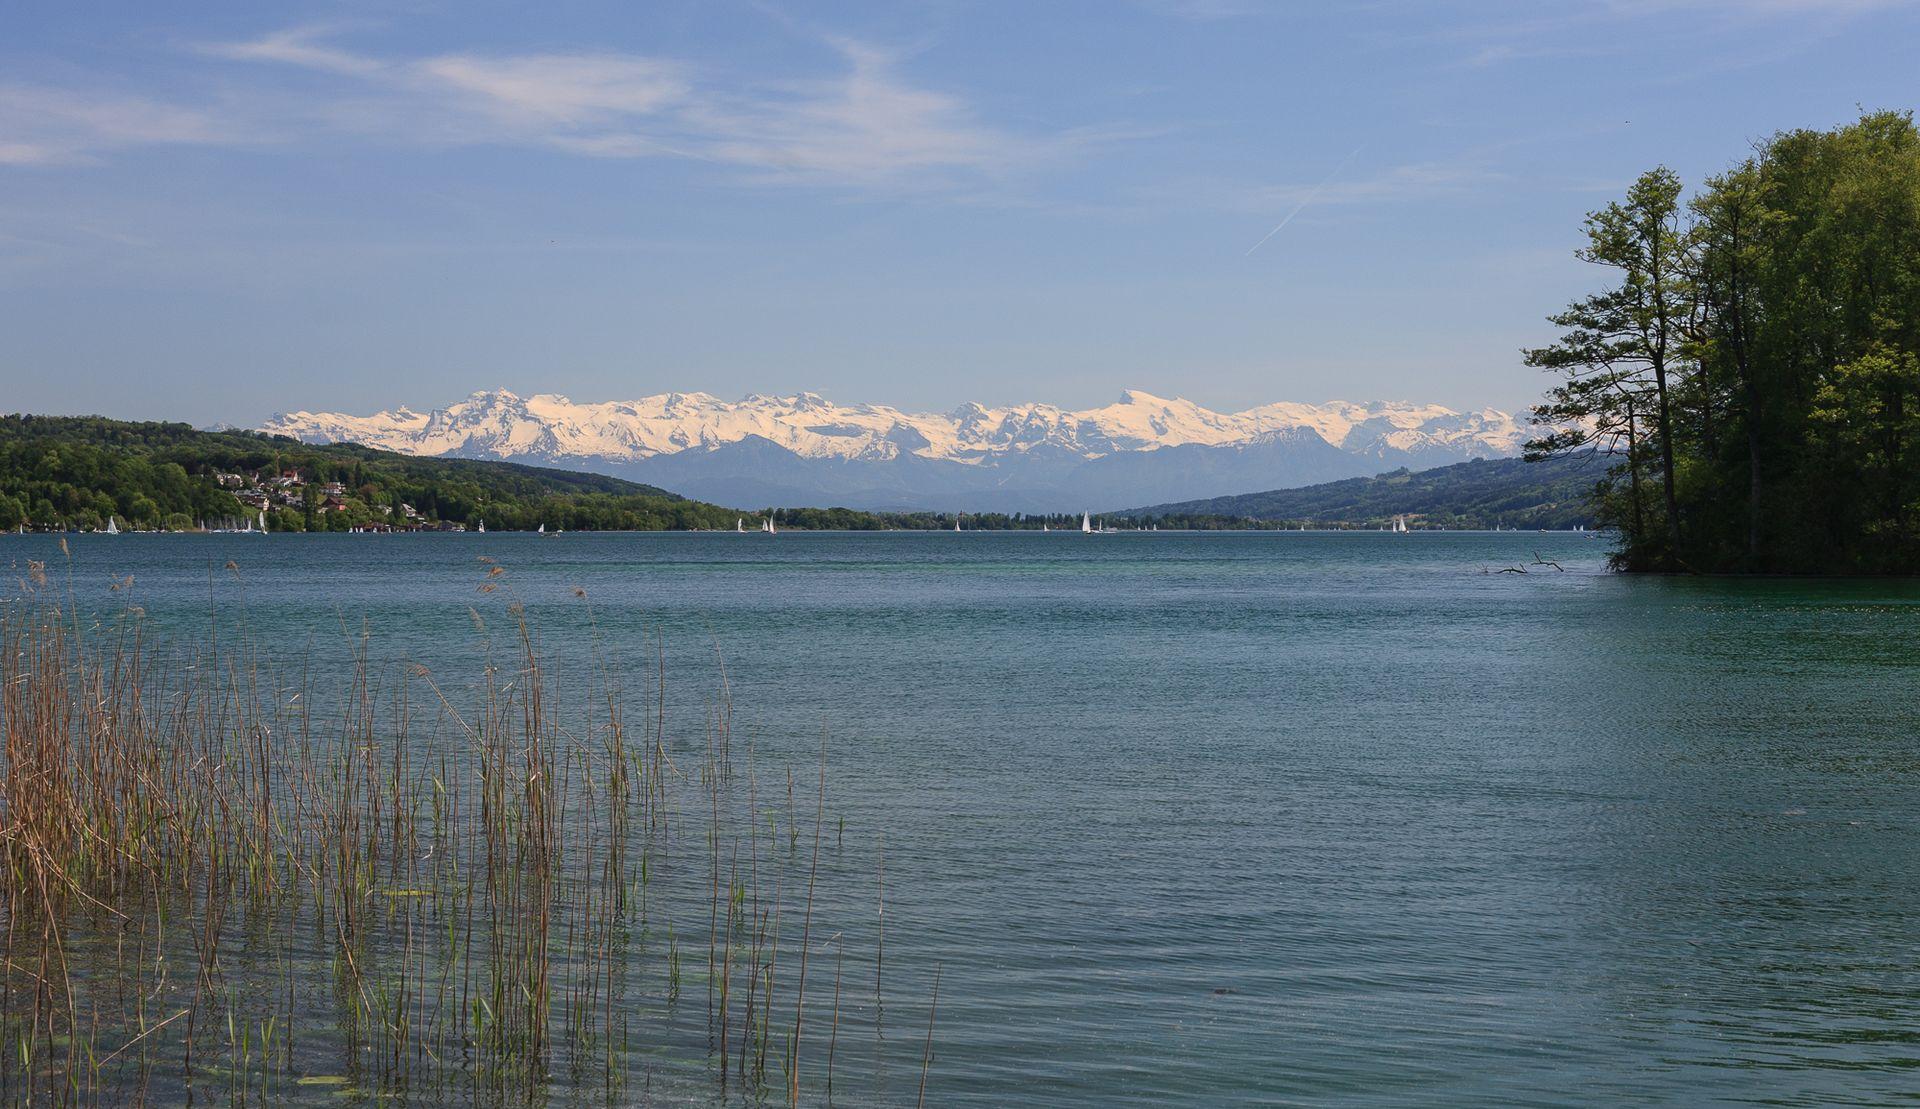 procesul-necunoscut-care-transforma-lacurile-